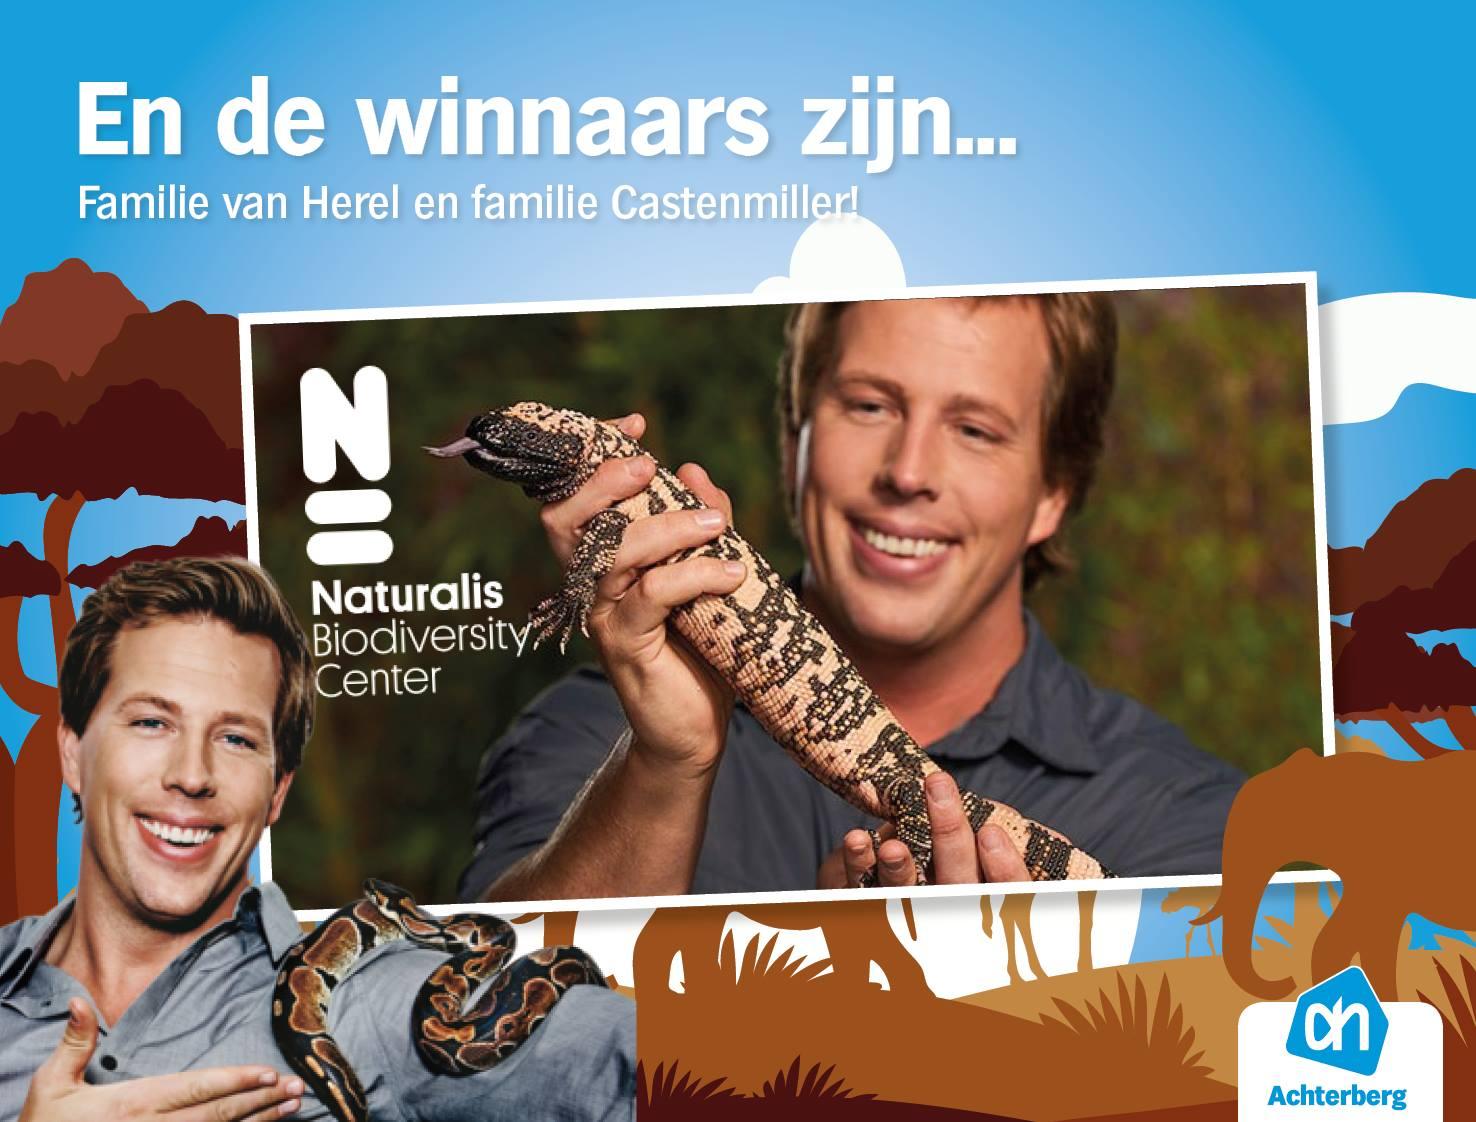 De winnaars van de kaarten voor Naturalis zijn bekend!